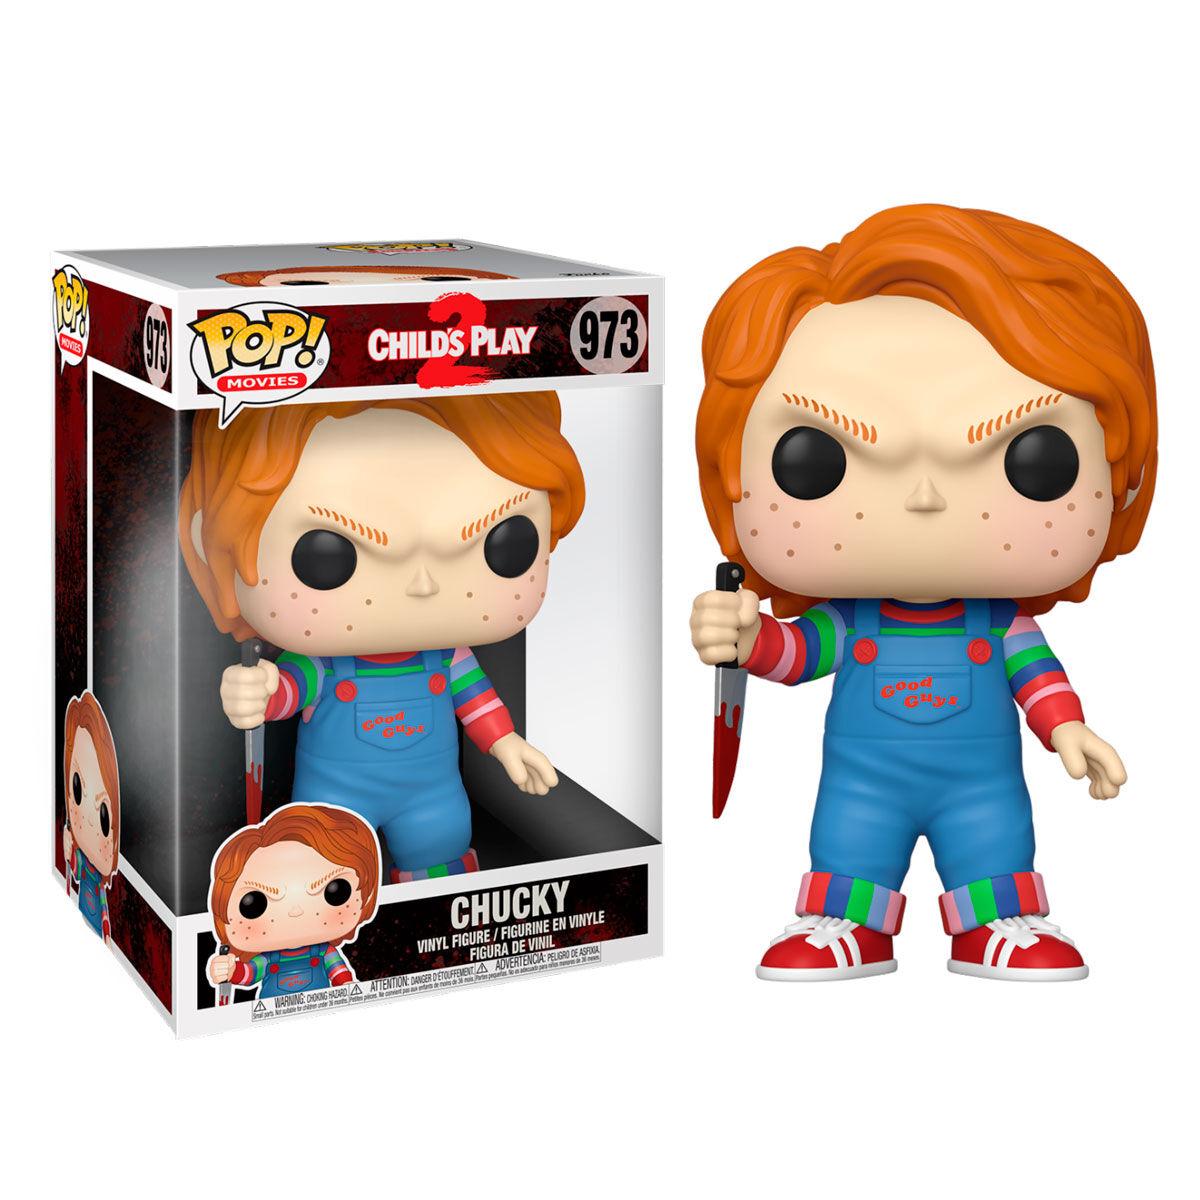 Funko POP o Figura POP Chucky con cuchillo 25cm